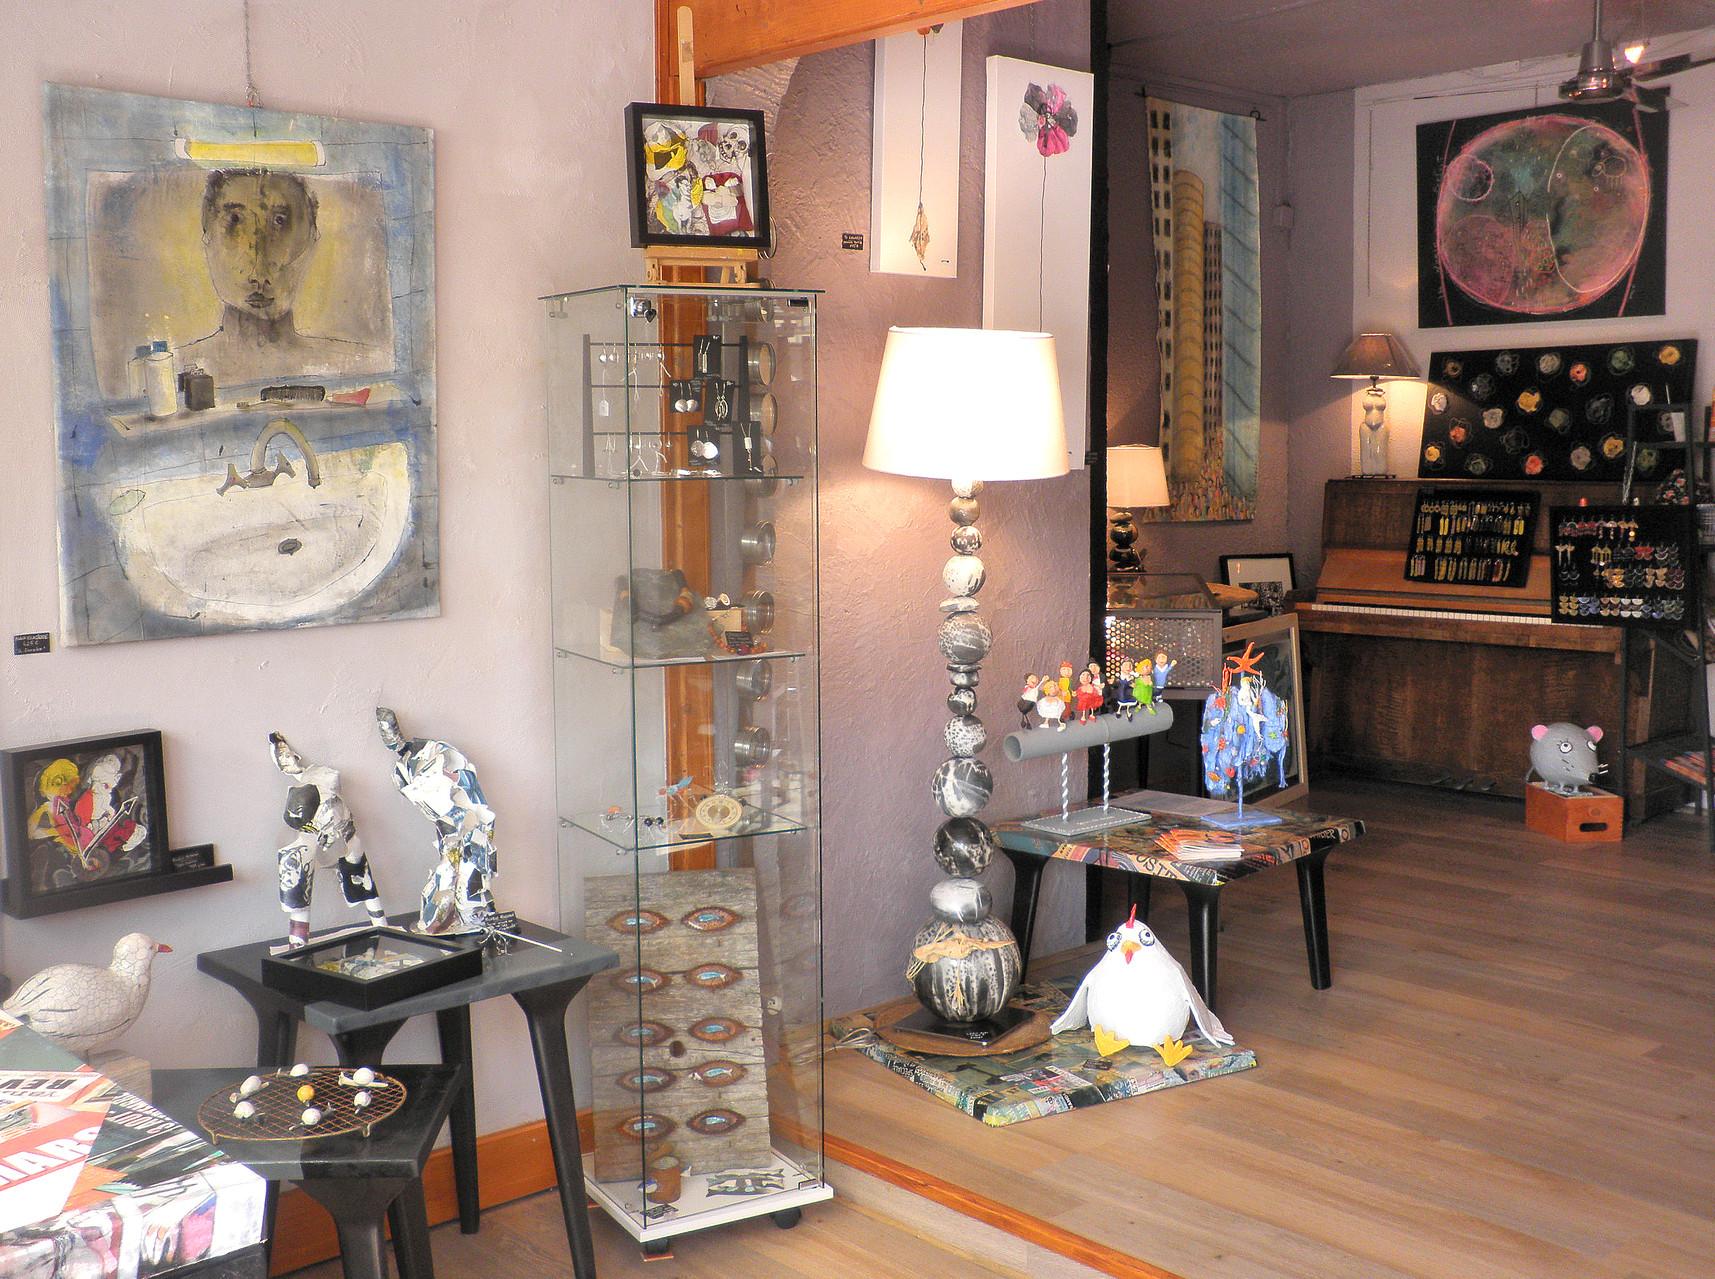 La galerie d'exposition de l'espace Agit'hé à Port-Barcarès